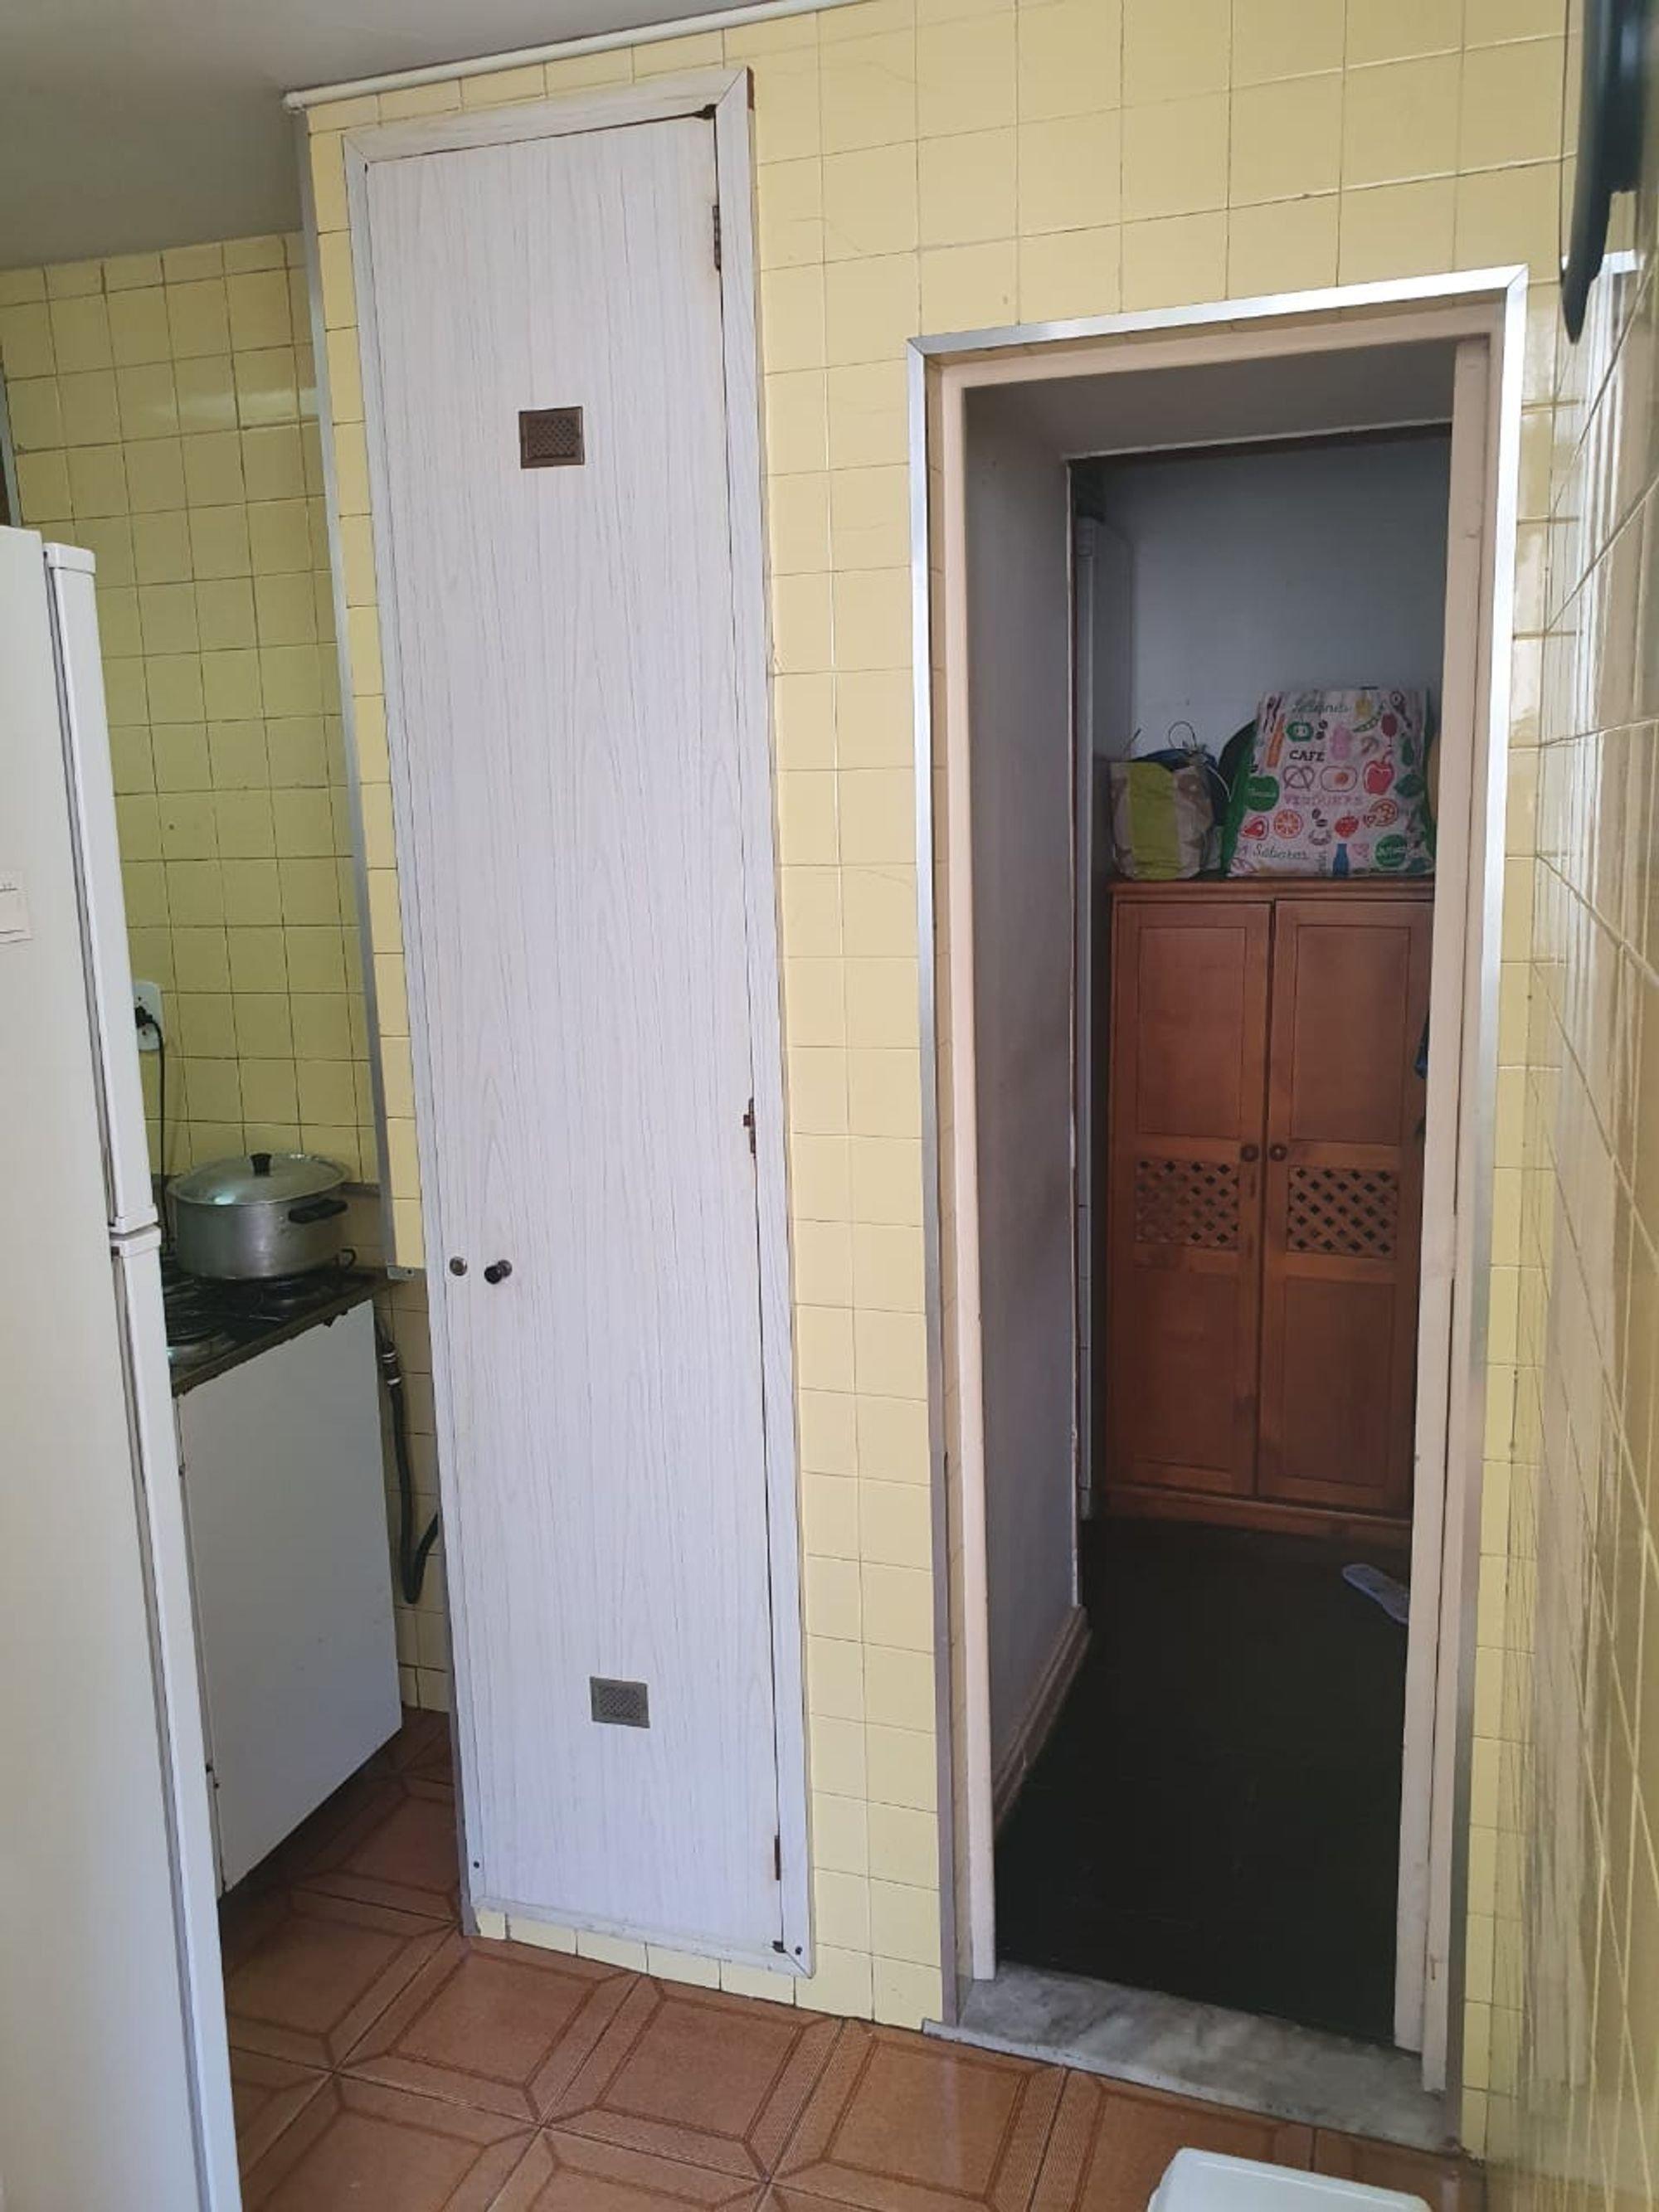 Foto de Varanda com tigela, geladeira